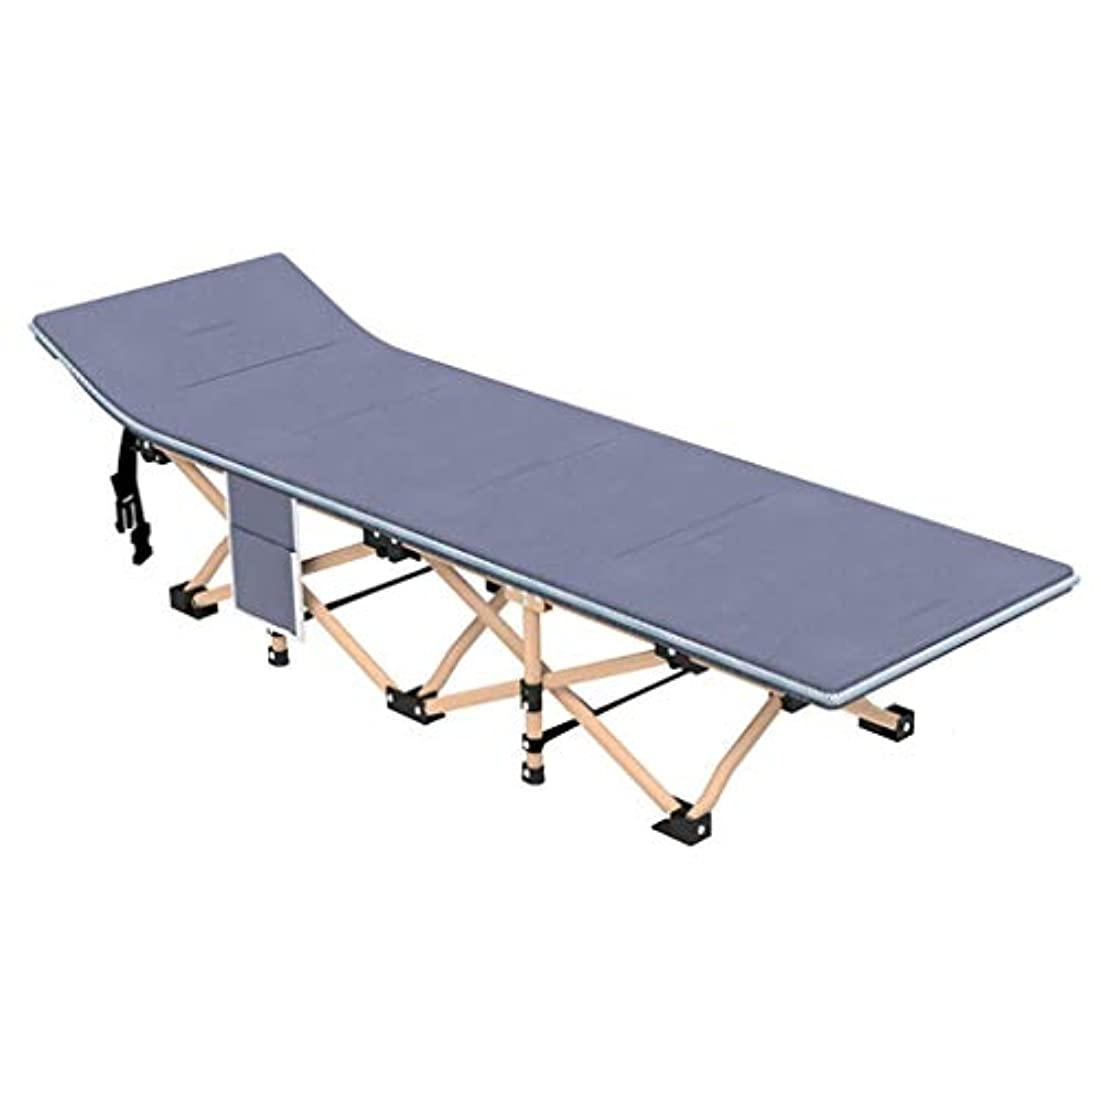 派生するシマウマクリエイティブロッキングチェア、折りたたみベッド、ポータブルスポーツキャンプ、マット付き、小さな折りたたみ式の超強力なシングルパーソンベッドラウンジチェア(色:B)